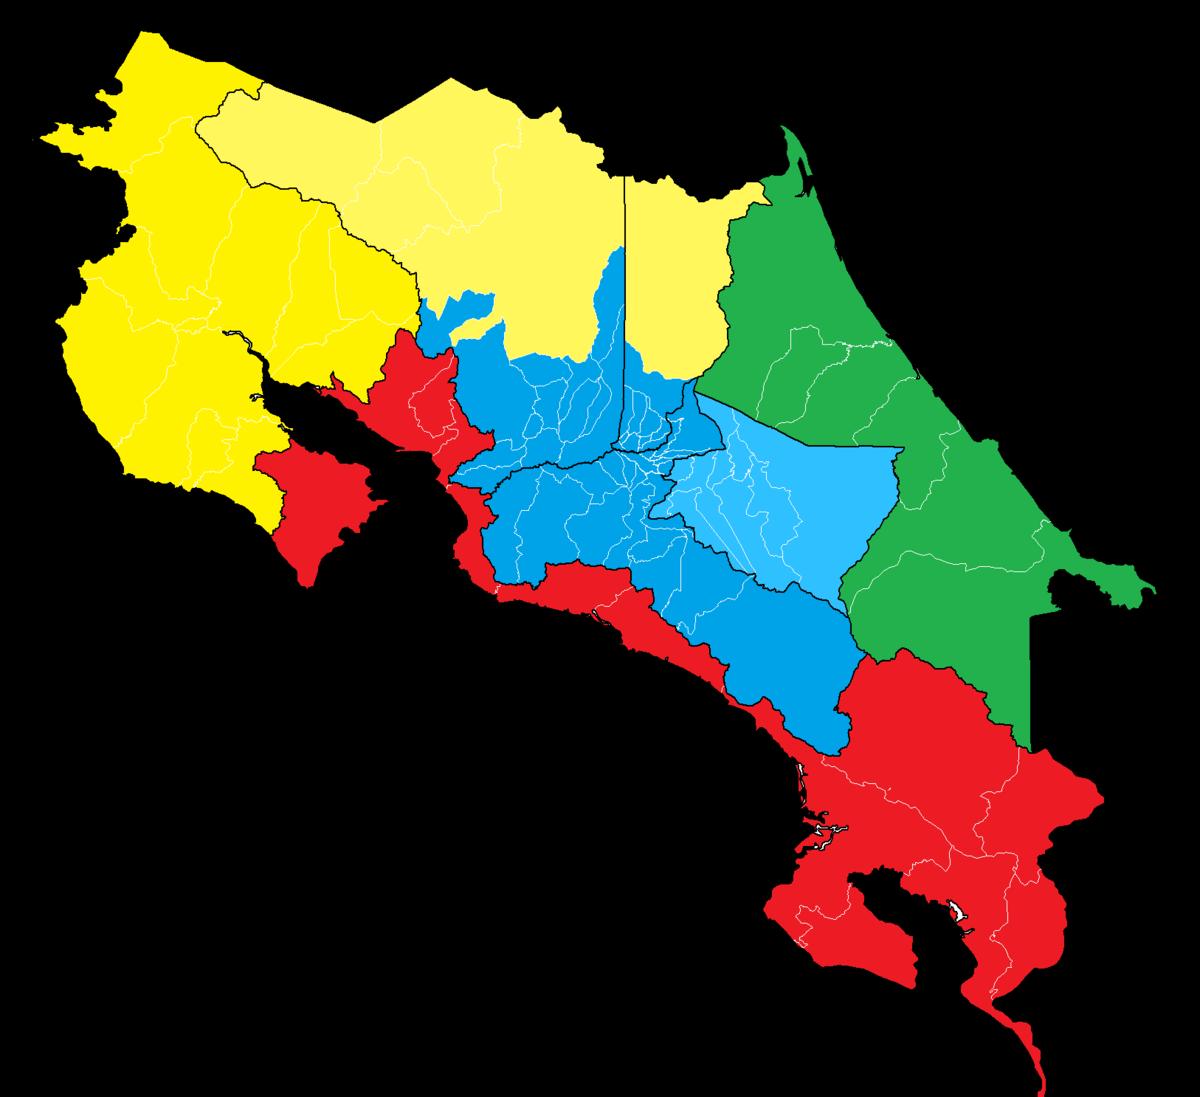 Gastronomía de Costa Rica - Wikipedia 2bccd75f1b195